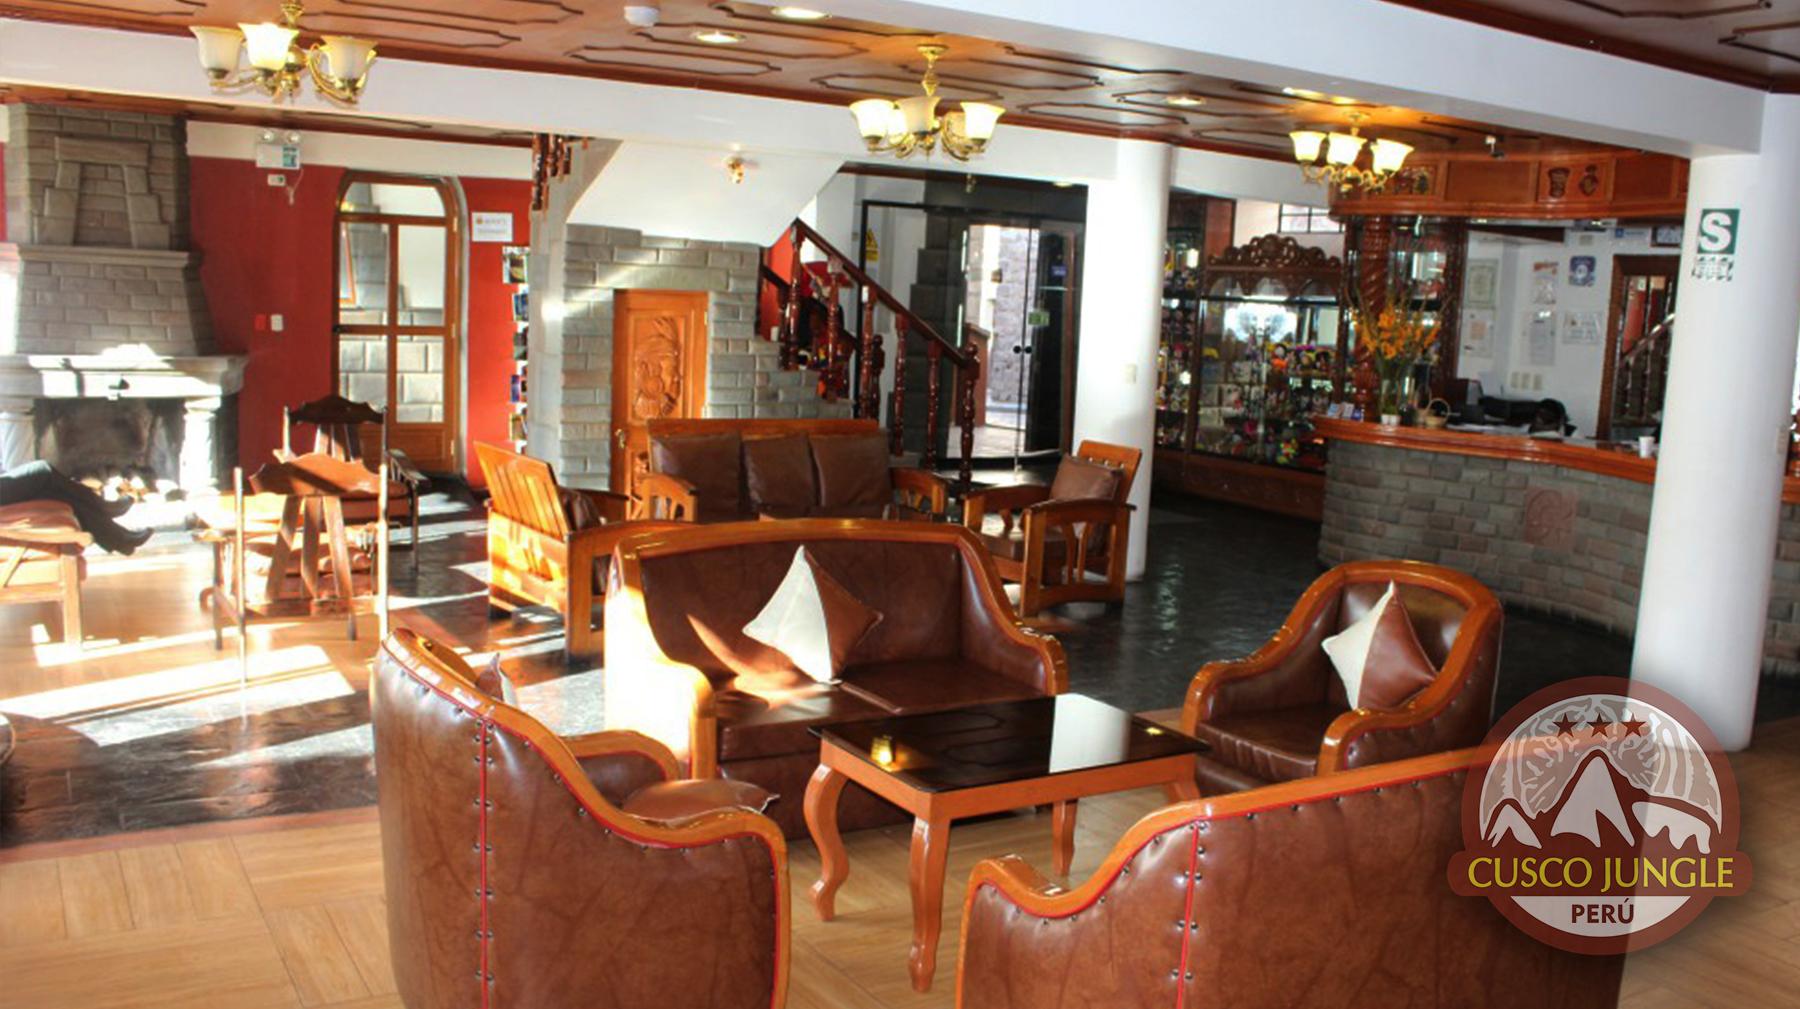 HOTEL EN CUSCO